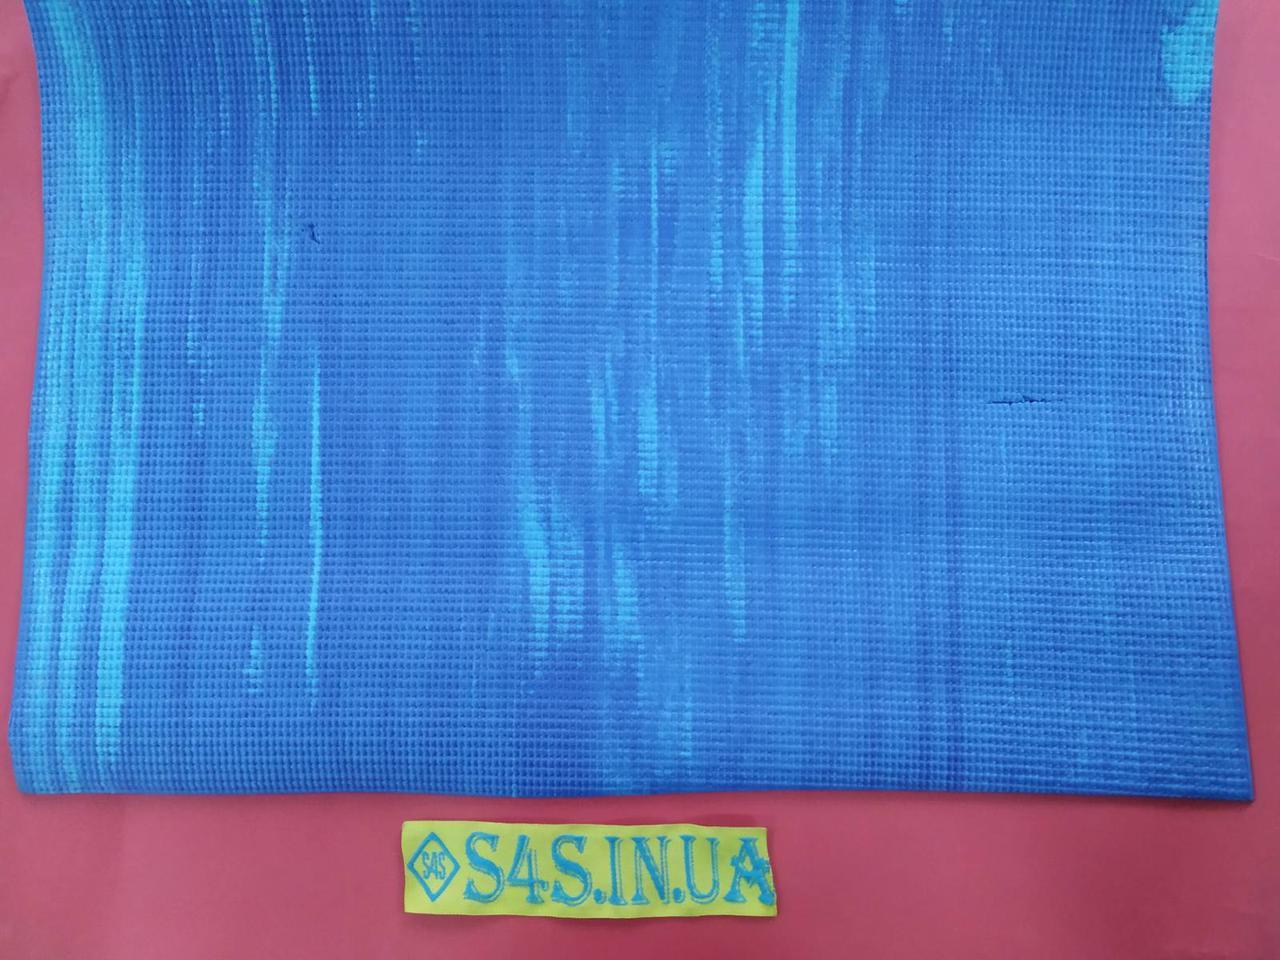 Килимок для фітнесу і йоги PVC 4мм SP-Planeta з принтом Смуга, кольори в асортименті